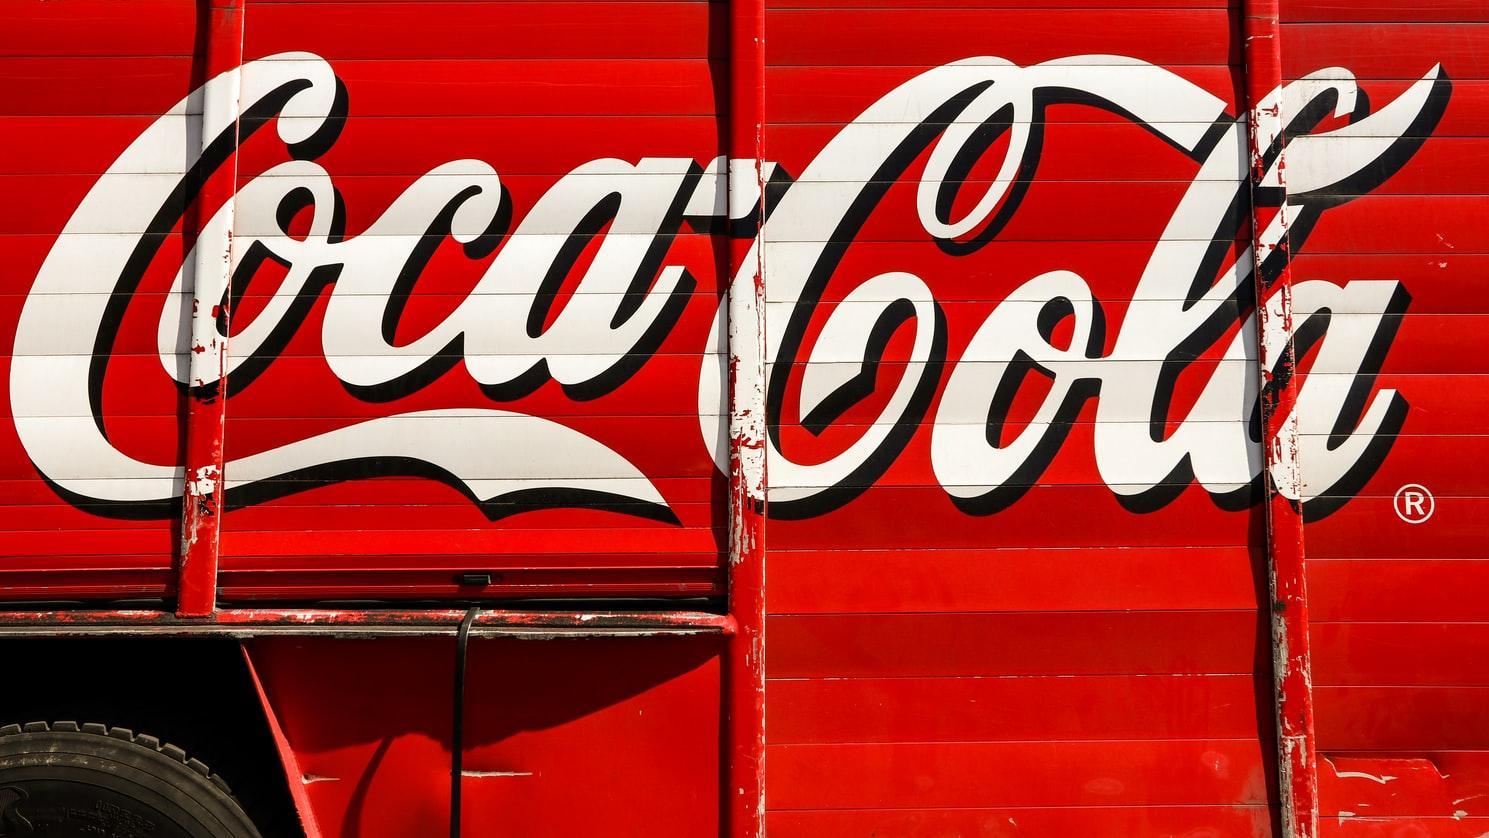 Coca Cola Revision de Ontega – Brokeropiniones.es